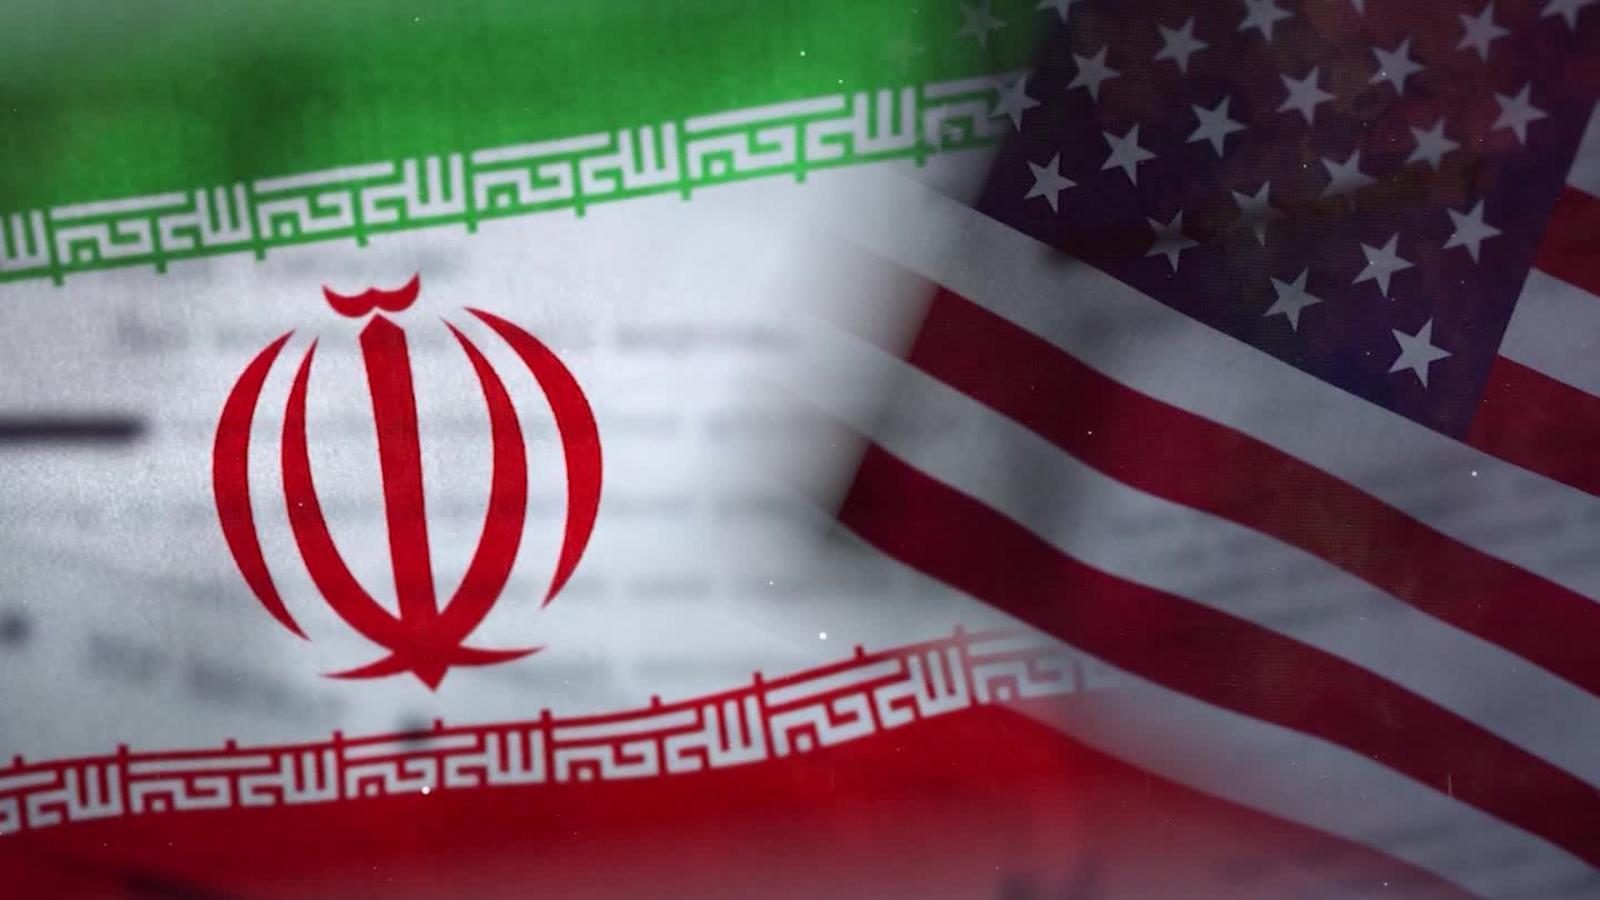 Irán demandará a EE.UU. ante la CIJ por imponer sanciones durante la pandemia  de COVID-19